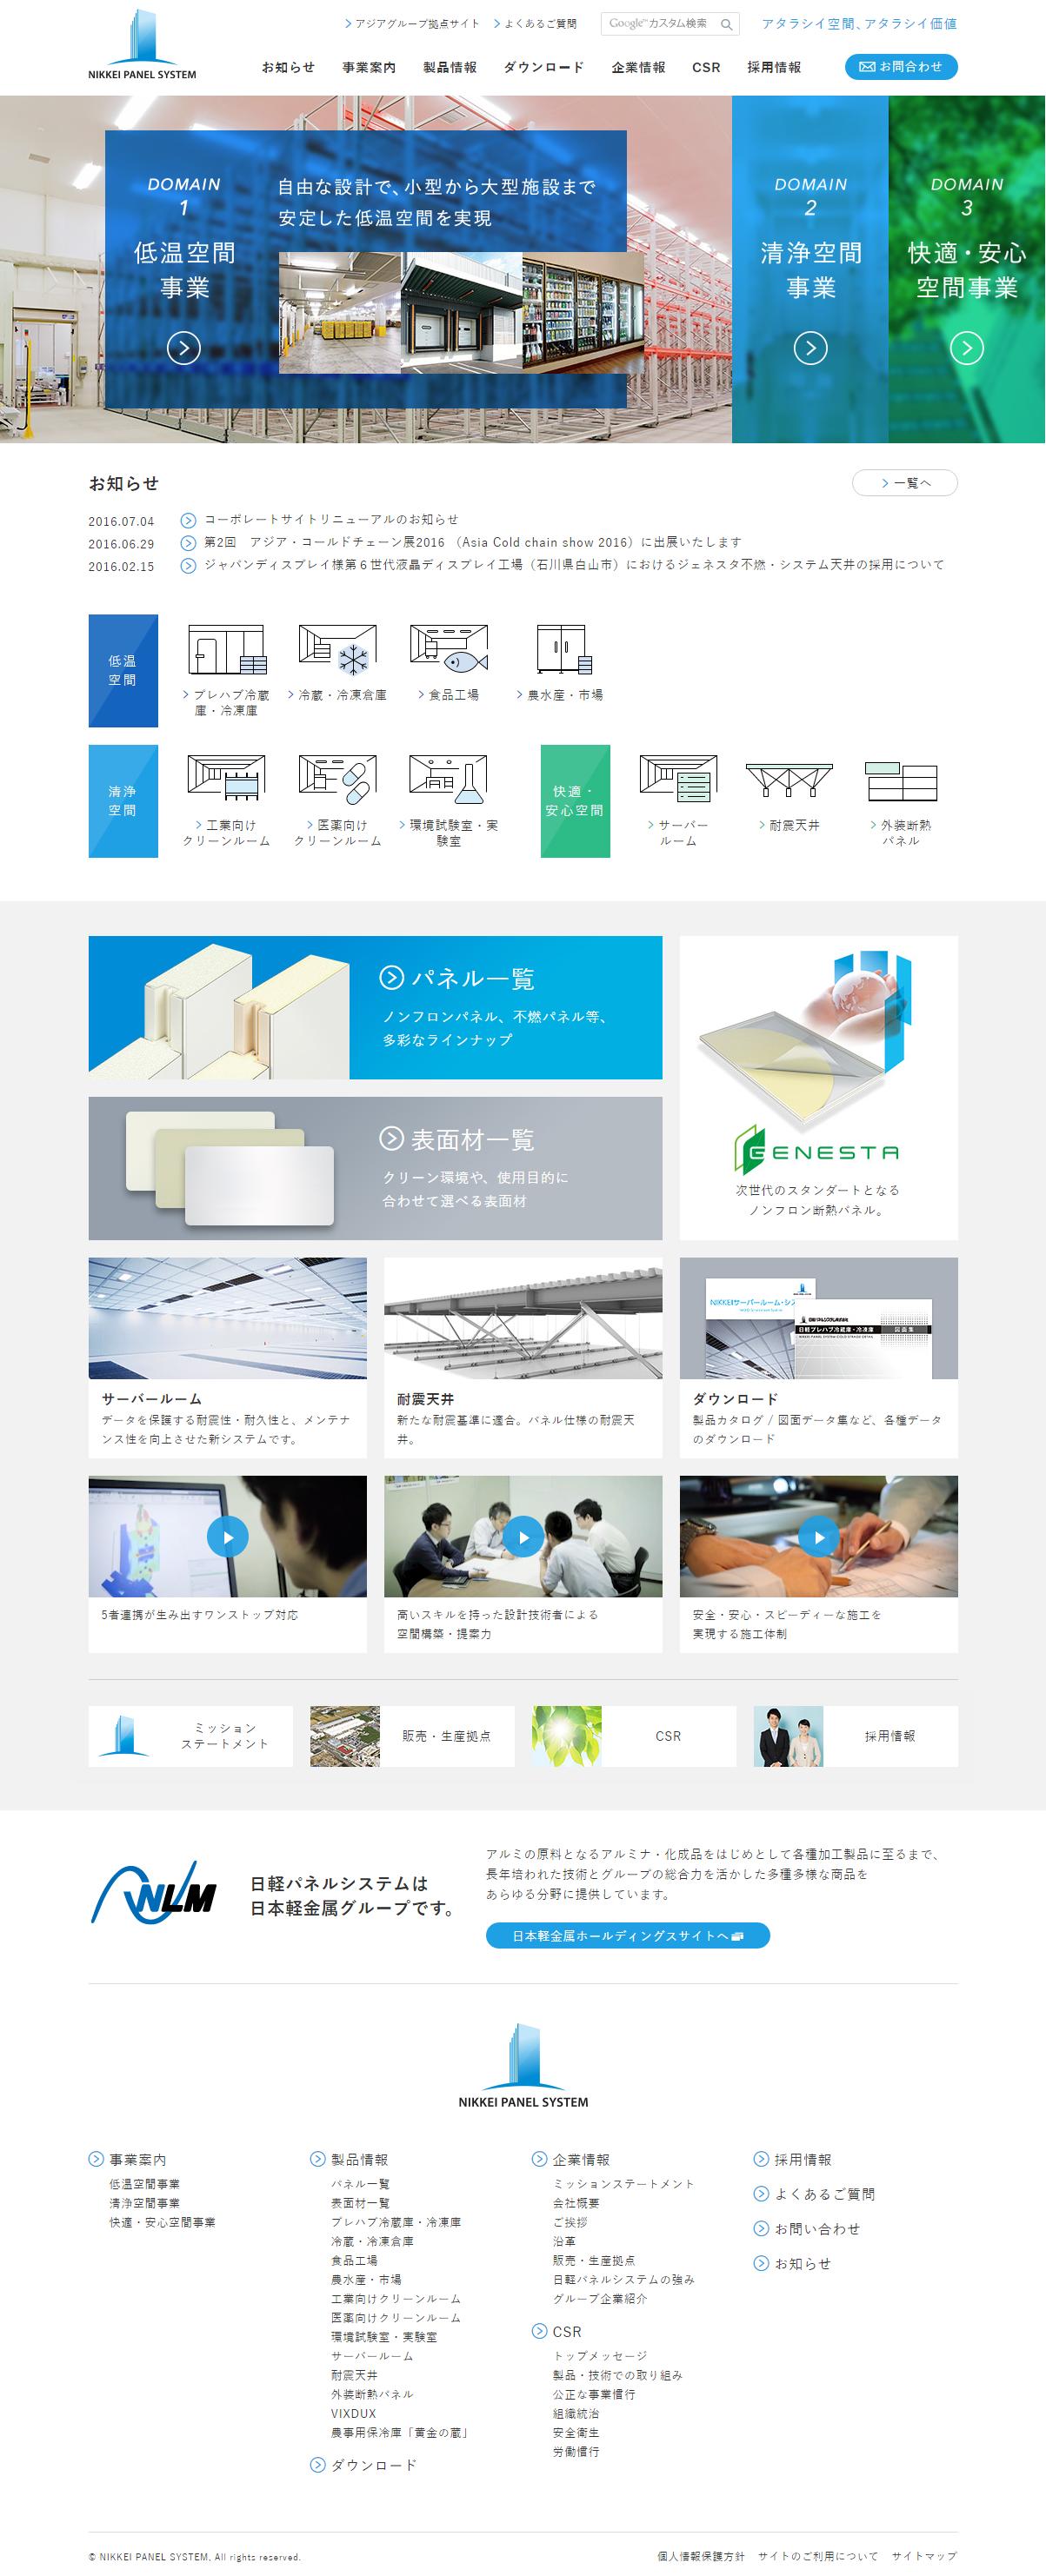 日軽パネルシステム株式会社 Web サイト デザイン Webサイトデザイン ウェブデザイン